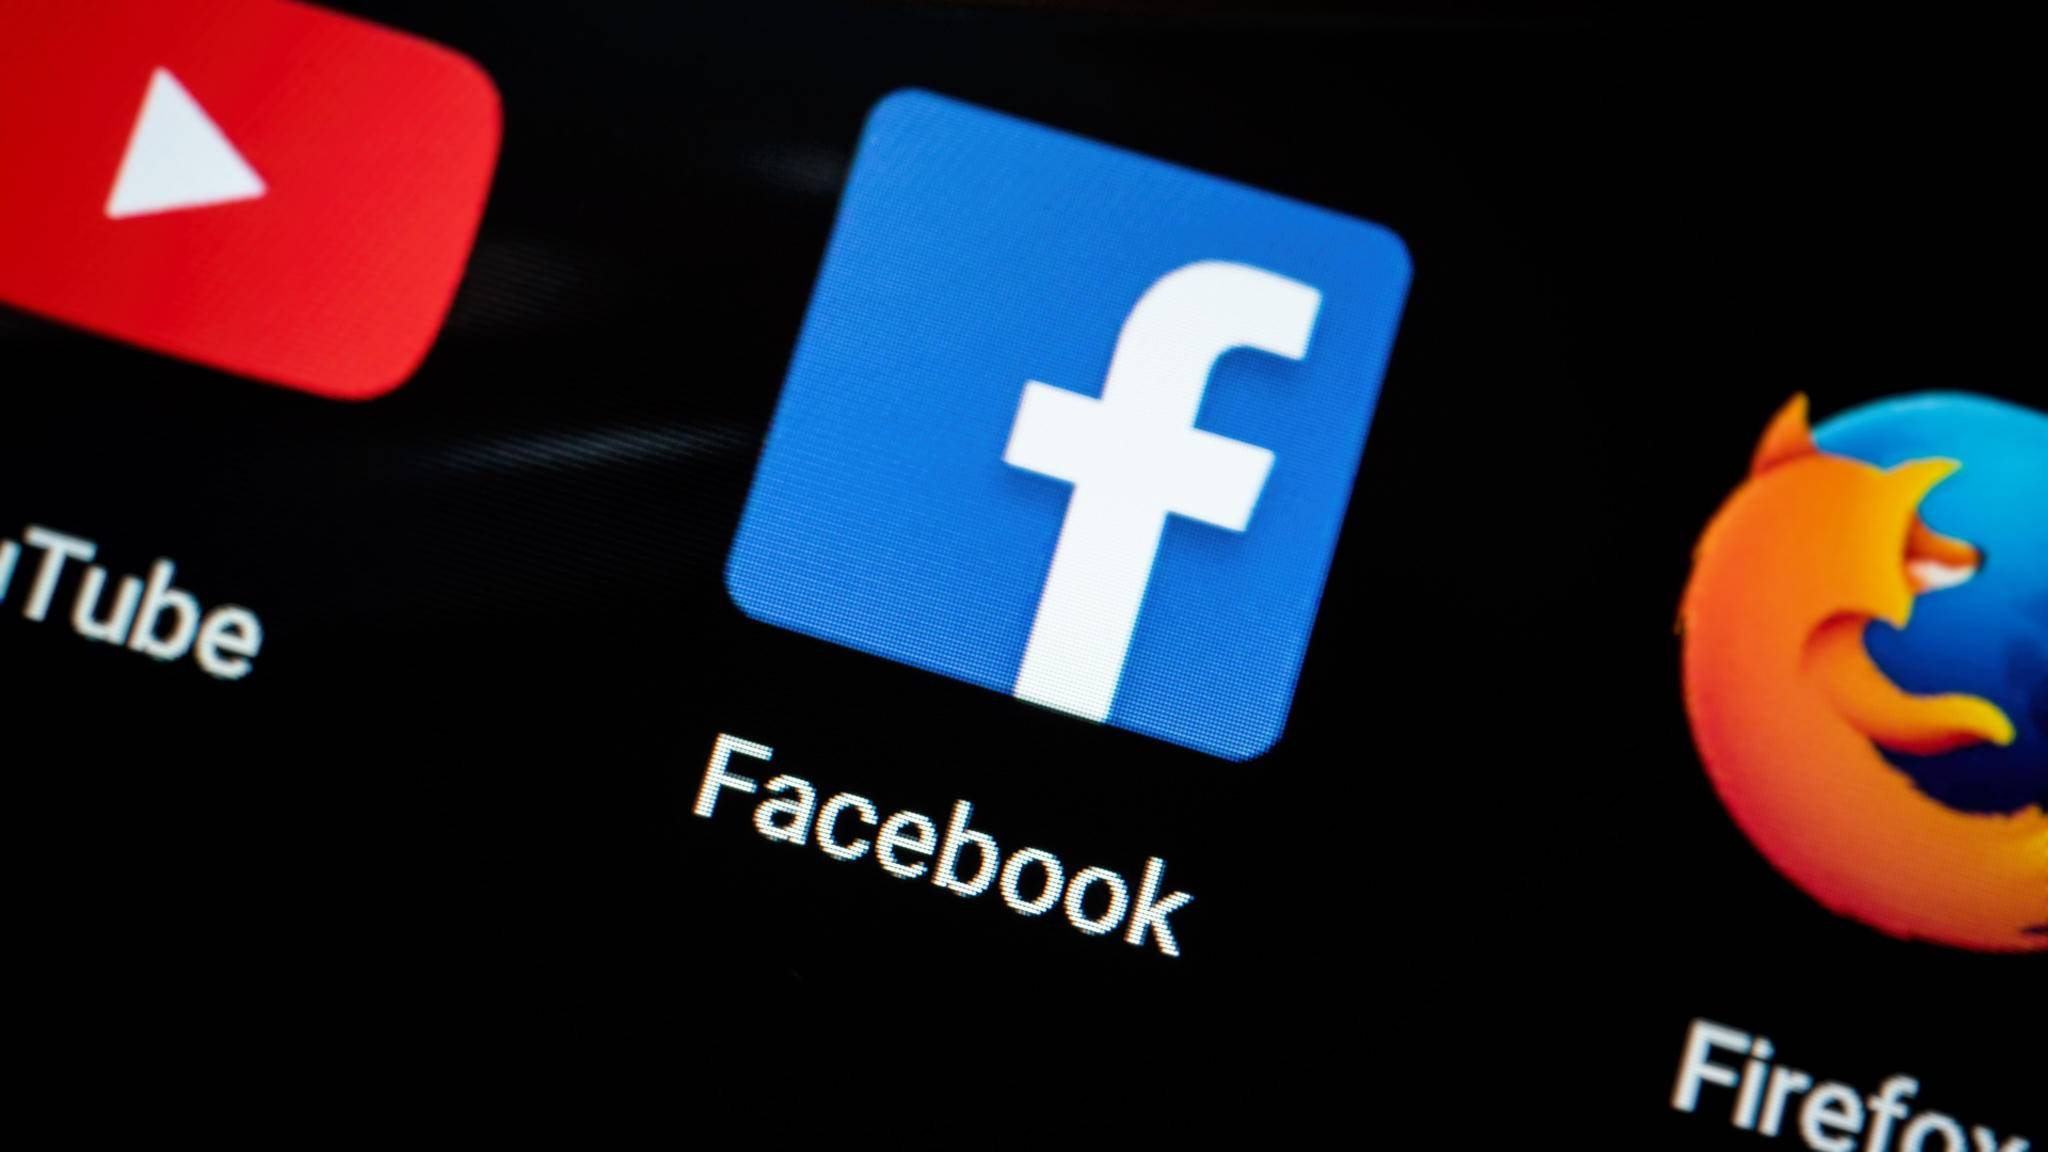 Facebook muss kein Daten-Striptease sein. Wir verraten Dir, wie Du nicht zu viele private Dinge verrätst.